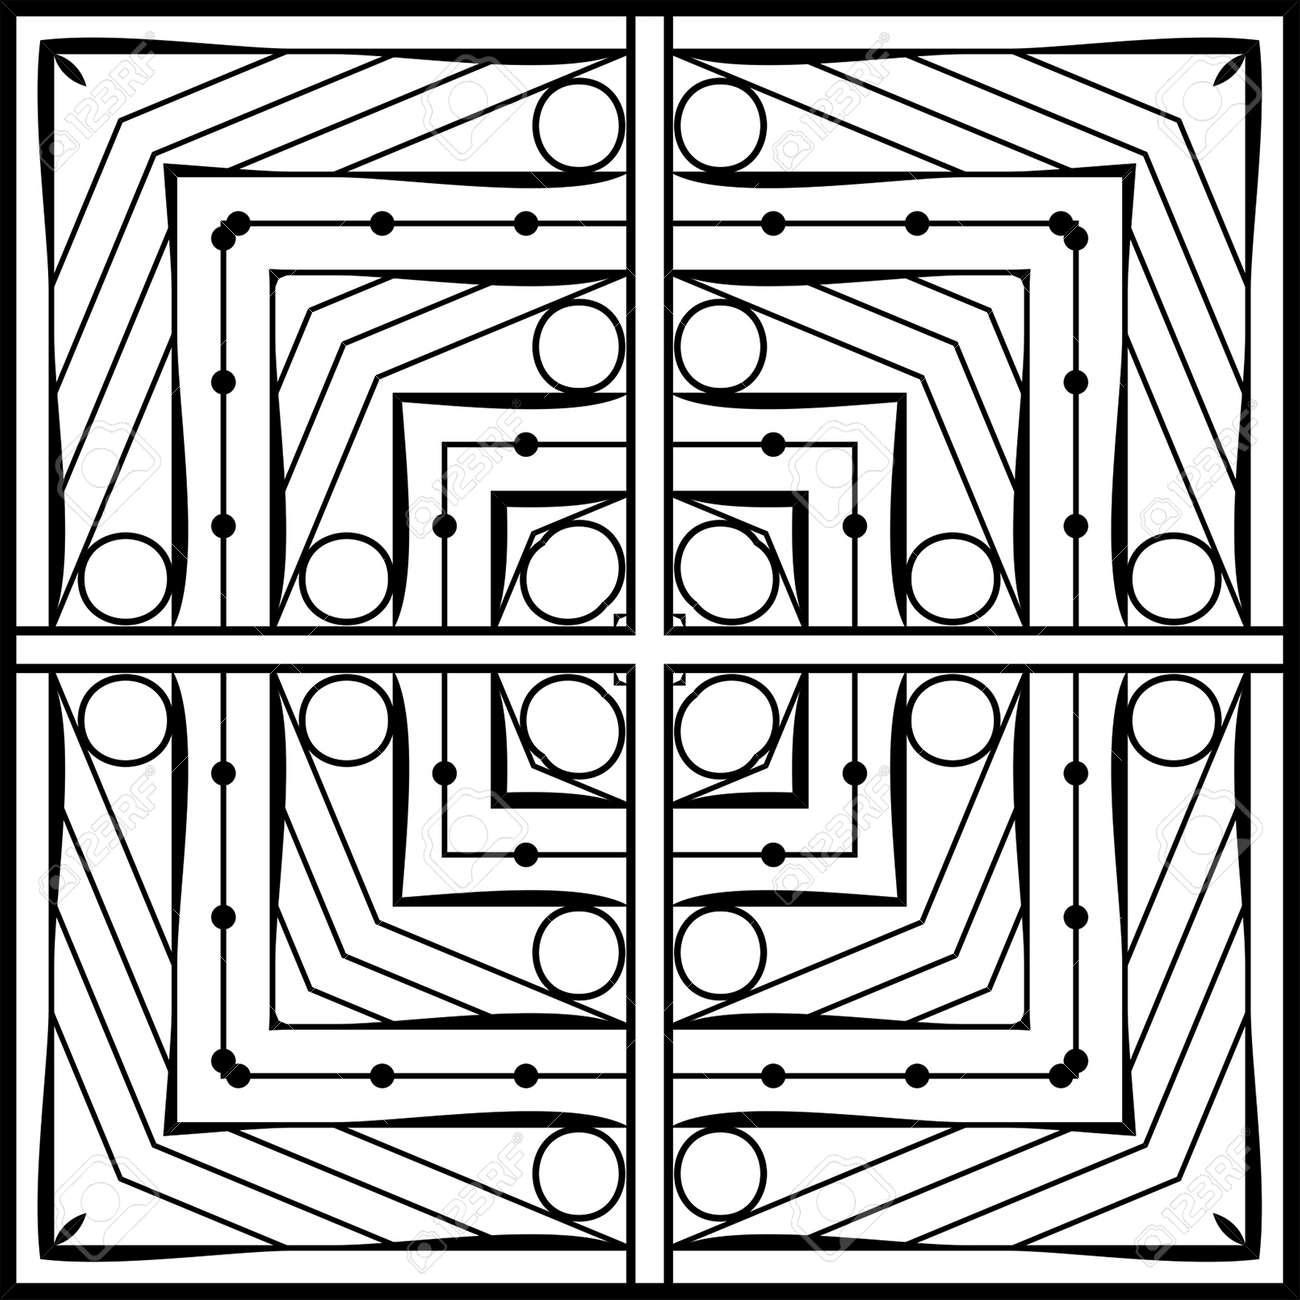 Faszinierend Zaun Design Galerie Von Schmiedeeisen Grill, Tor, Tür, Zaun, Fenster, Geländer